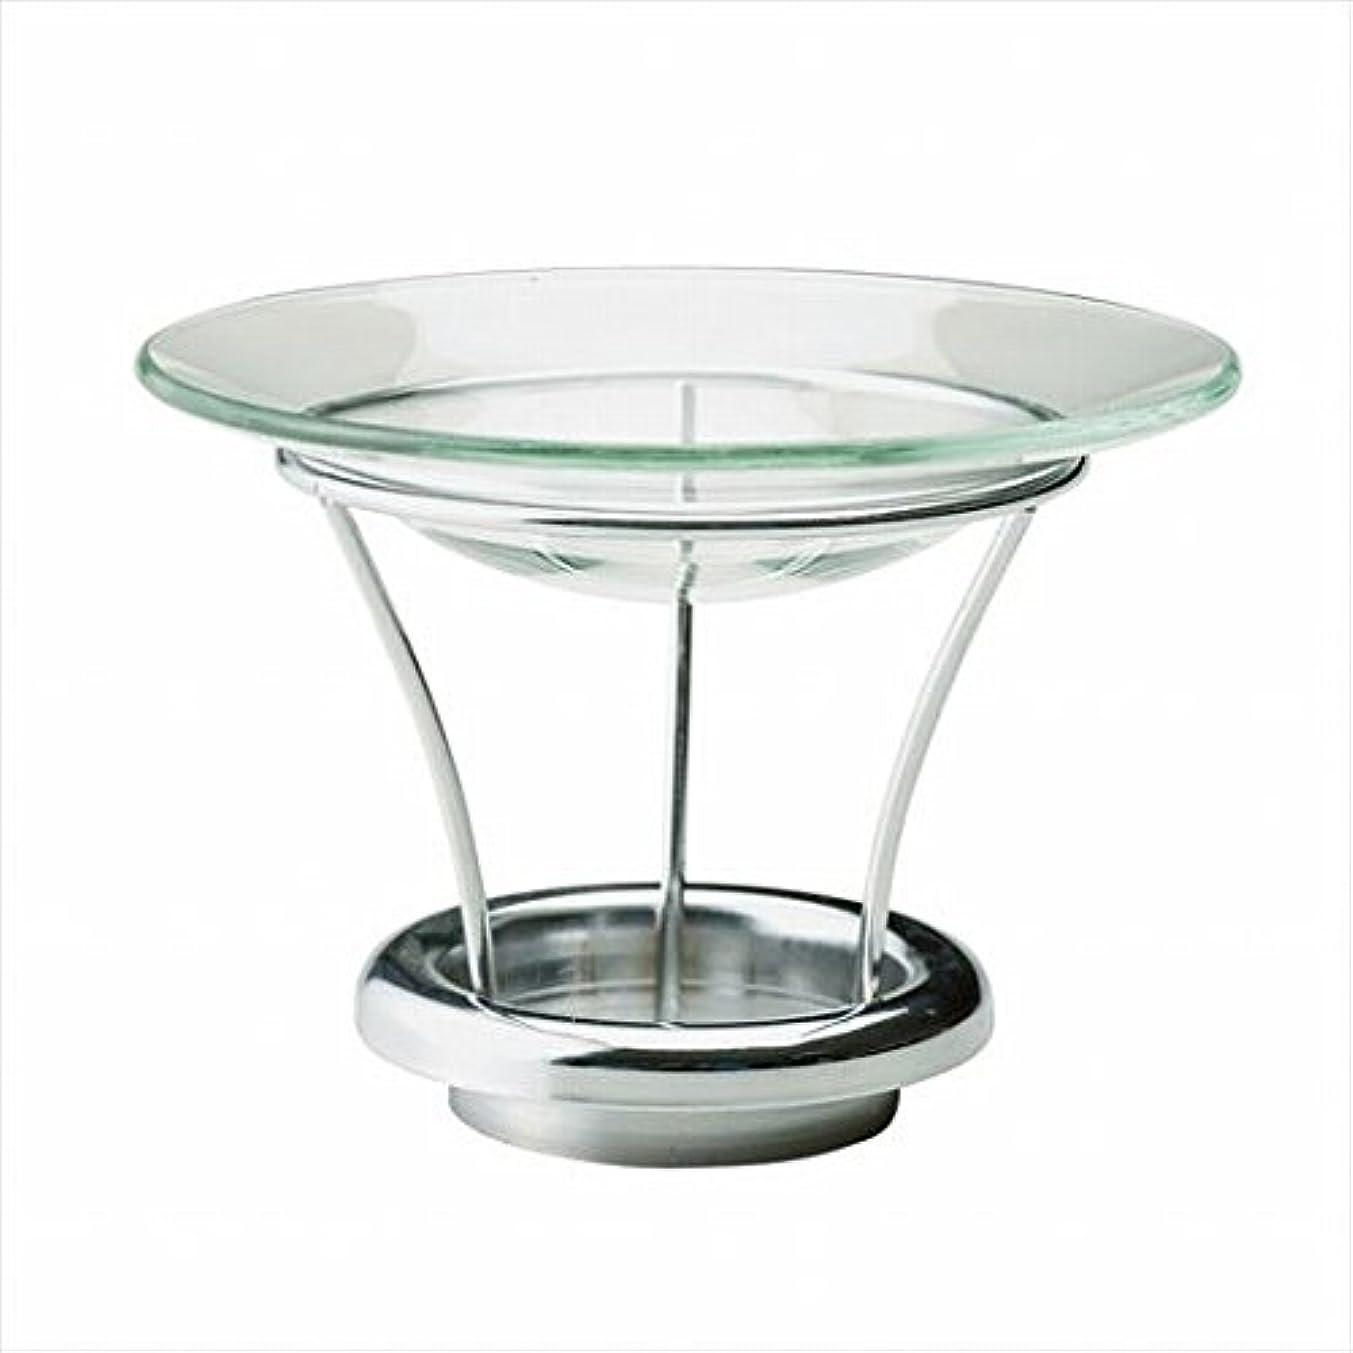 ローブエージェント実現可能性カメヤマキャンドル( kameyama candle ) シルエットグラス用アロマウォーマーキット キャンドル